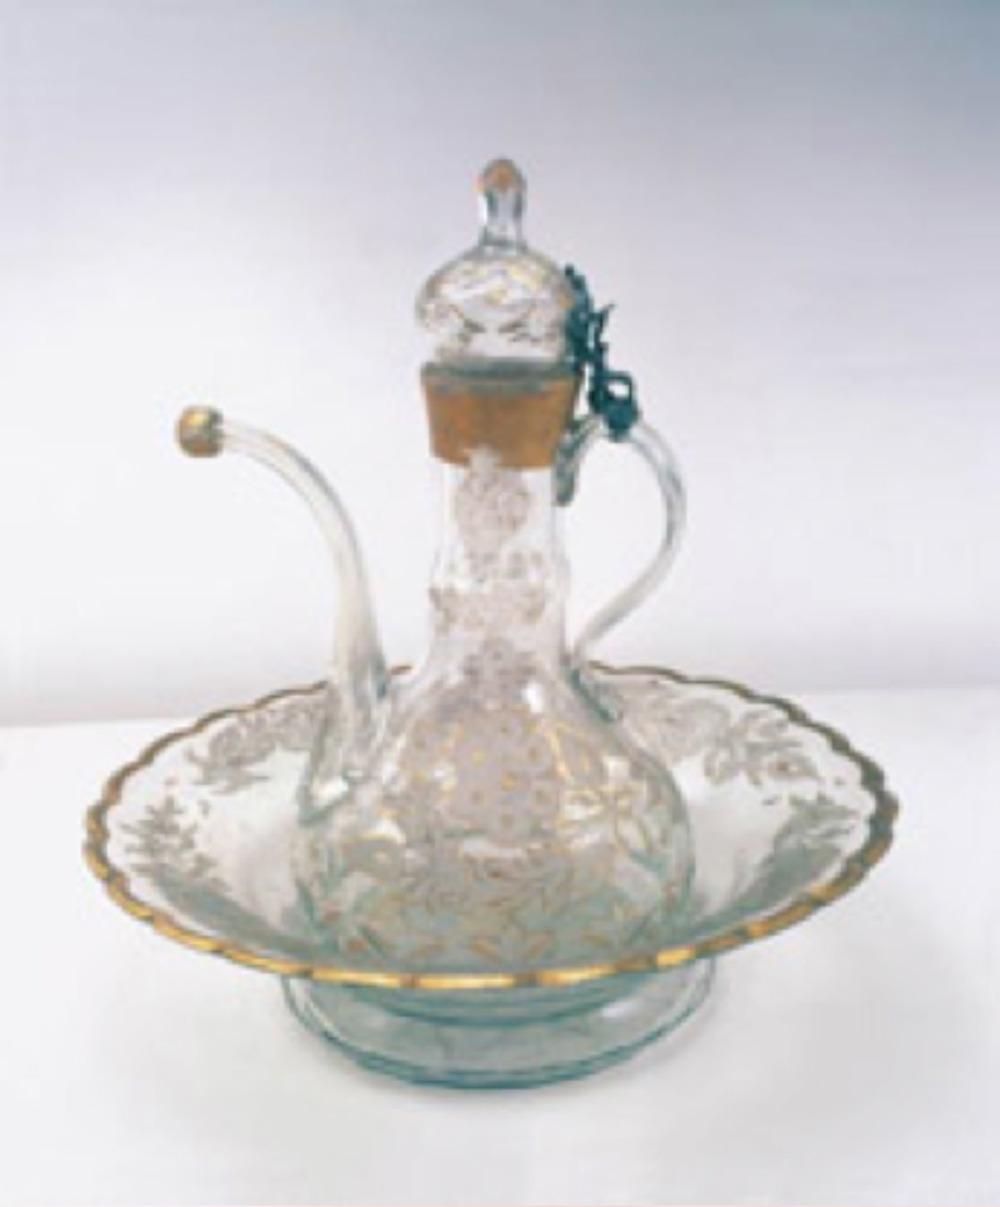 Leğen ve ibrik, kristal üzeri çiçek ve dallarla süslenmiş, yapraklar arası altın yaldızlıdır. Leğen ve ibrik aynı desende olup, ibriğin kapağı gümüş menteşe ile kulpuna sabitlenmiştir. Leğen çapı: 34,5 cm, ibrik yük: 36 cm. Topkapı Sarayı Müzesi Koleksiyonu. Env. No: Leğen 34/ 1812, İbrik 34/1811.